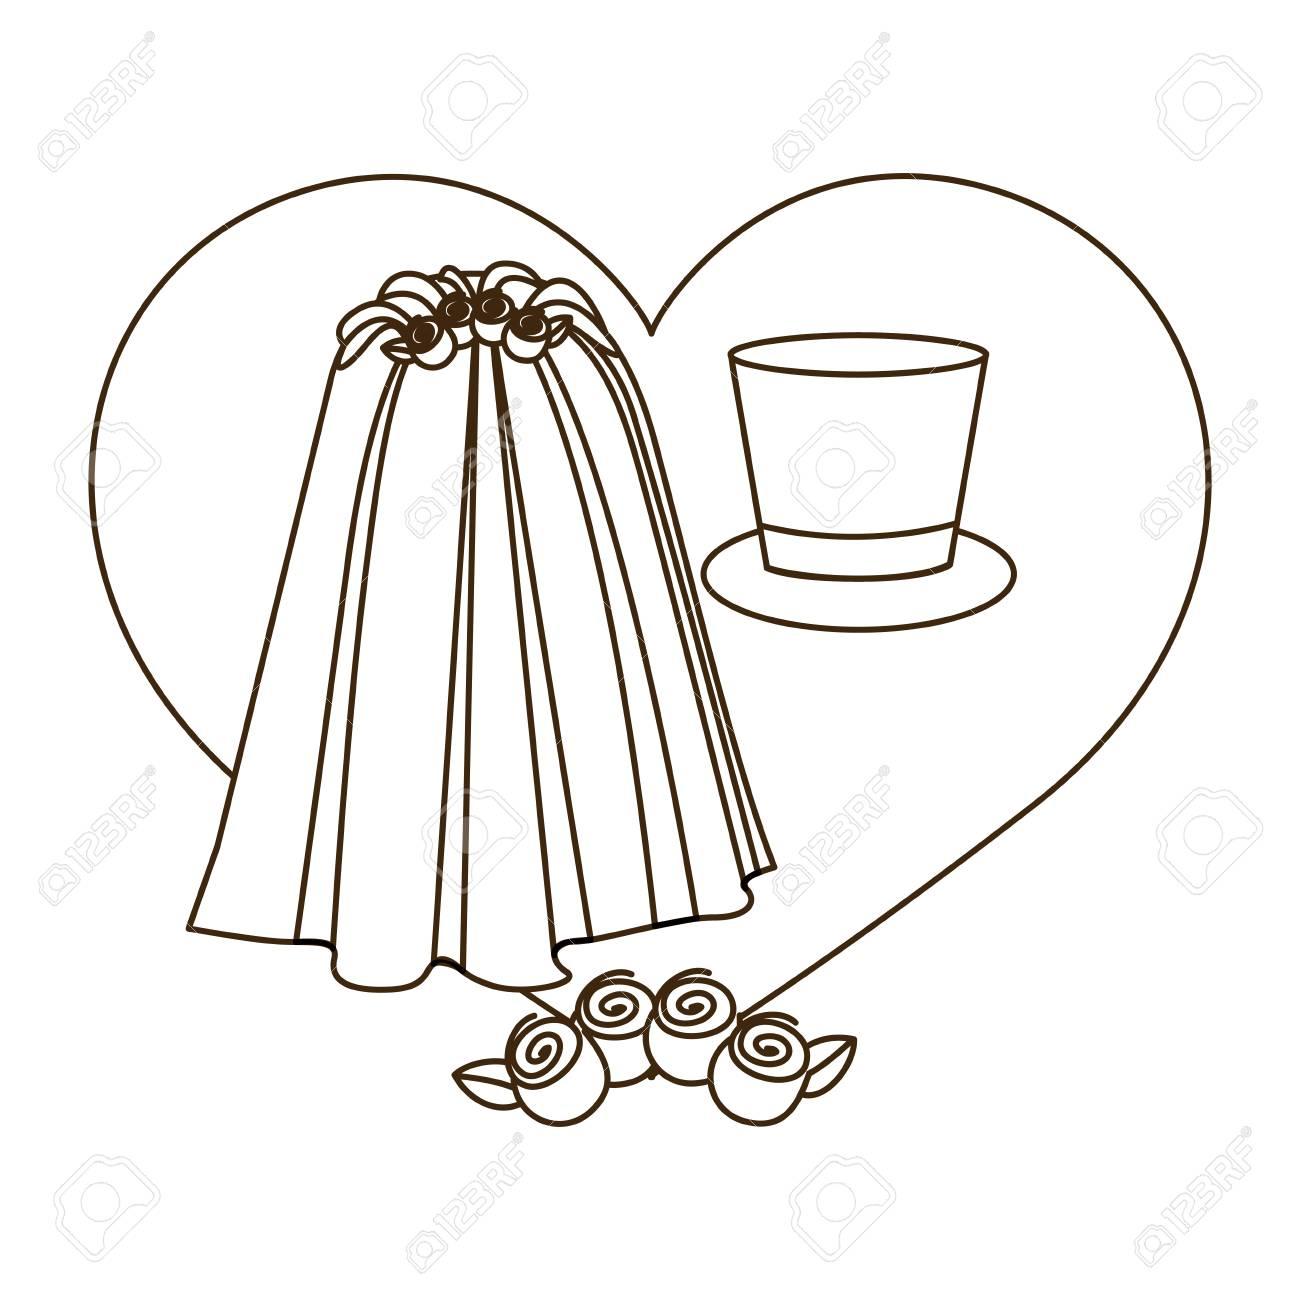 シルエット ハート衣装ベール花嫁帽子新郎ベクトル イラストのイラスト